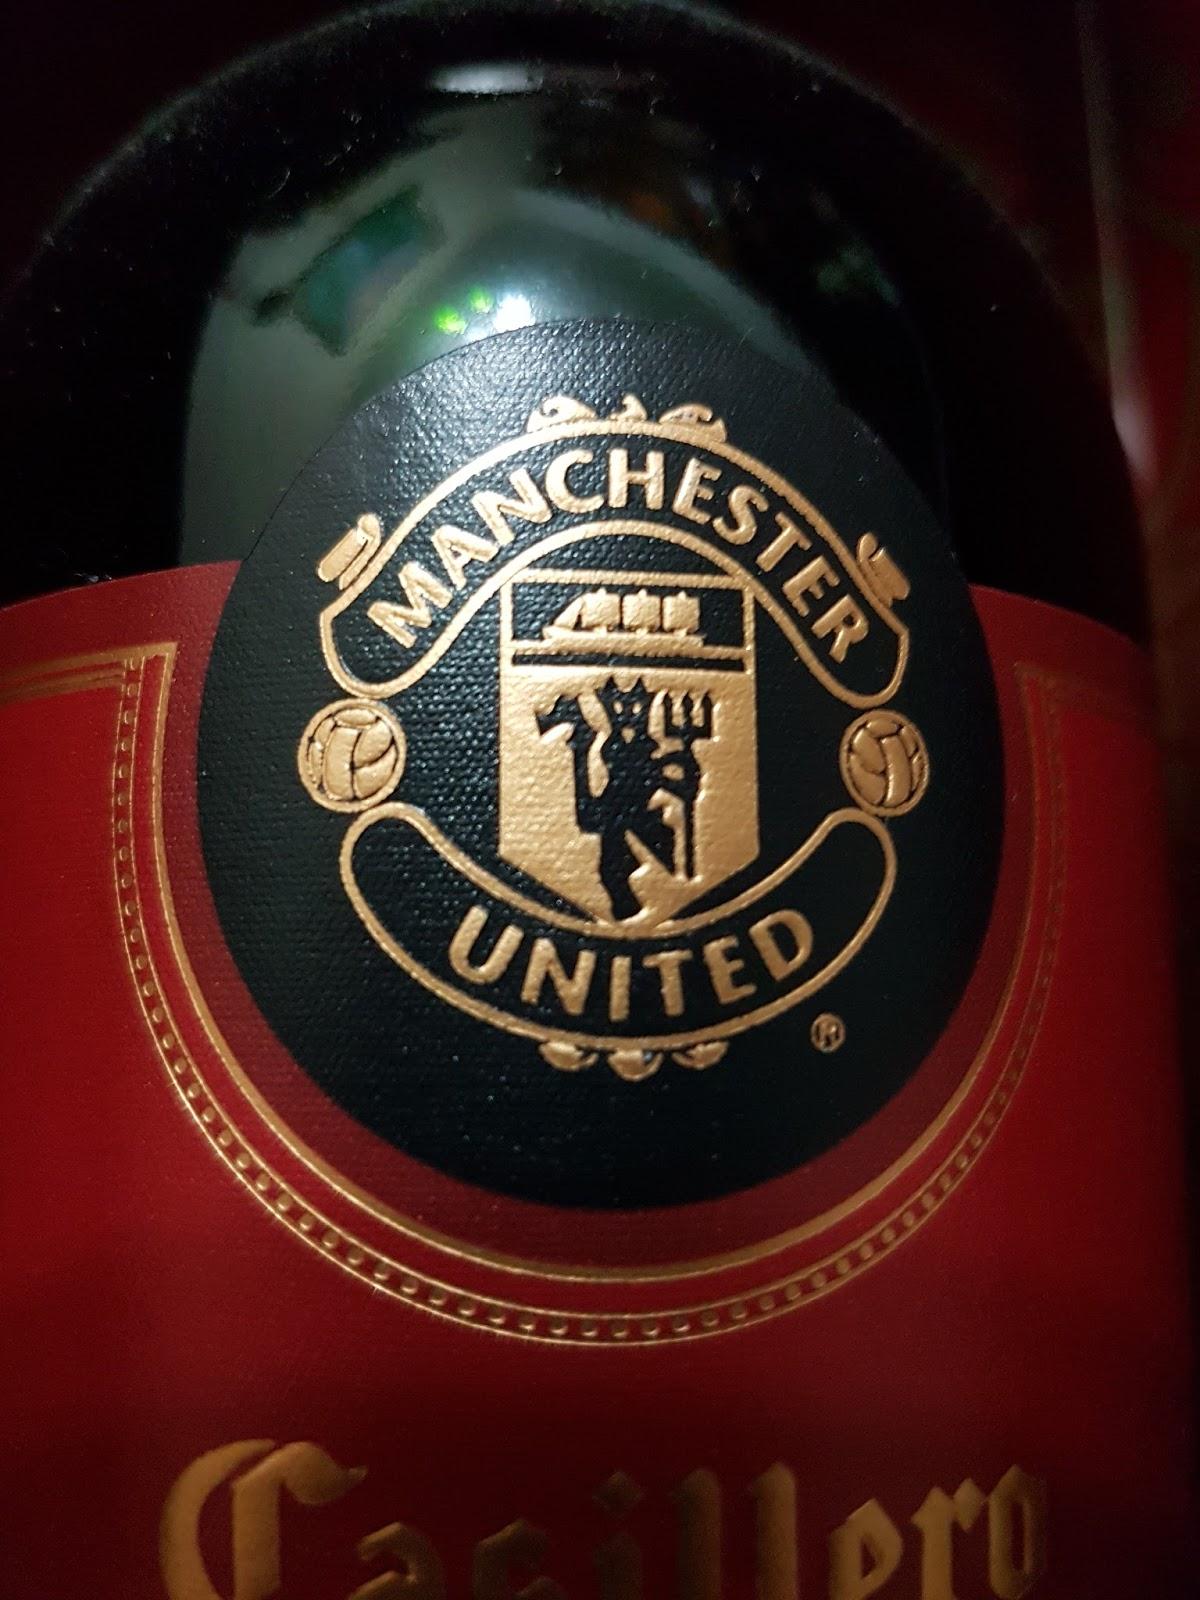 manchester united casillero del diablo red wine manchester united casillero del diablo